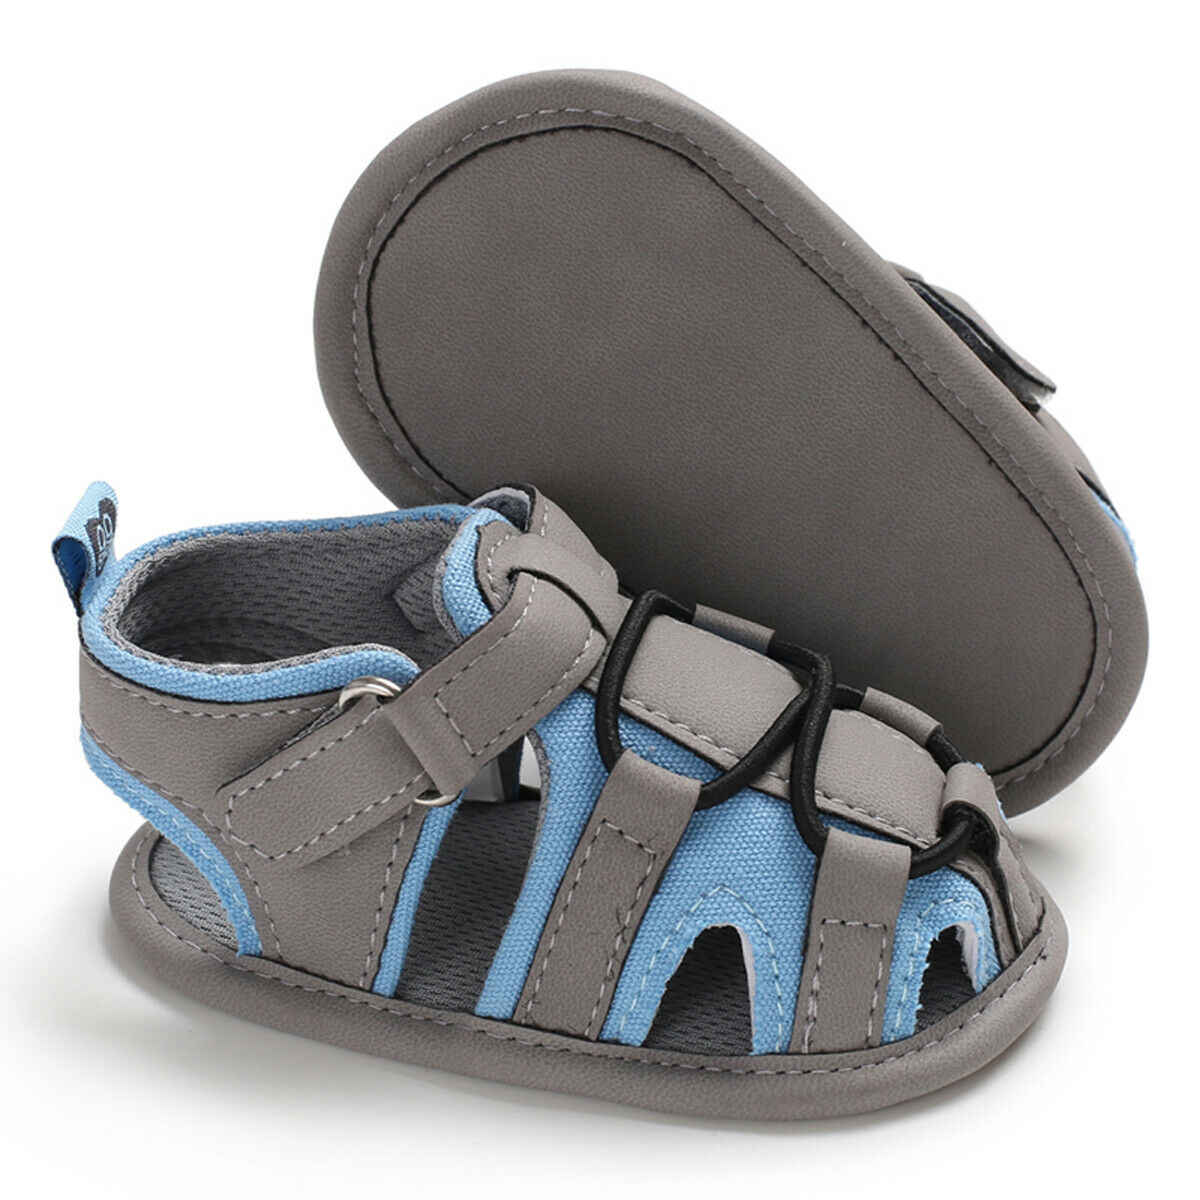 Zomer Baby Sandalen Mode Toevallige Zachte Crib Zool Leer Baby Meisjes Jongens Schoenen Pasgeboren Peuter Hollow Prewalker Sandalen